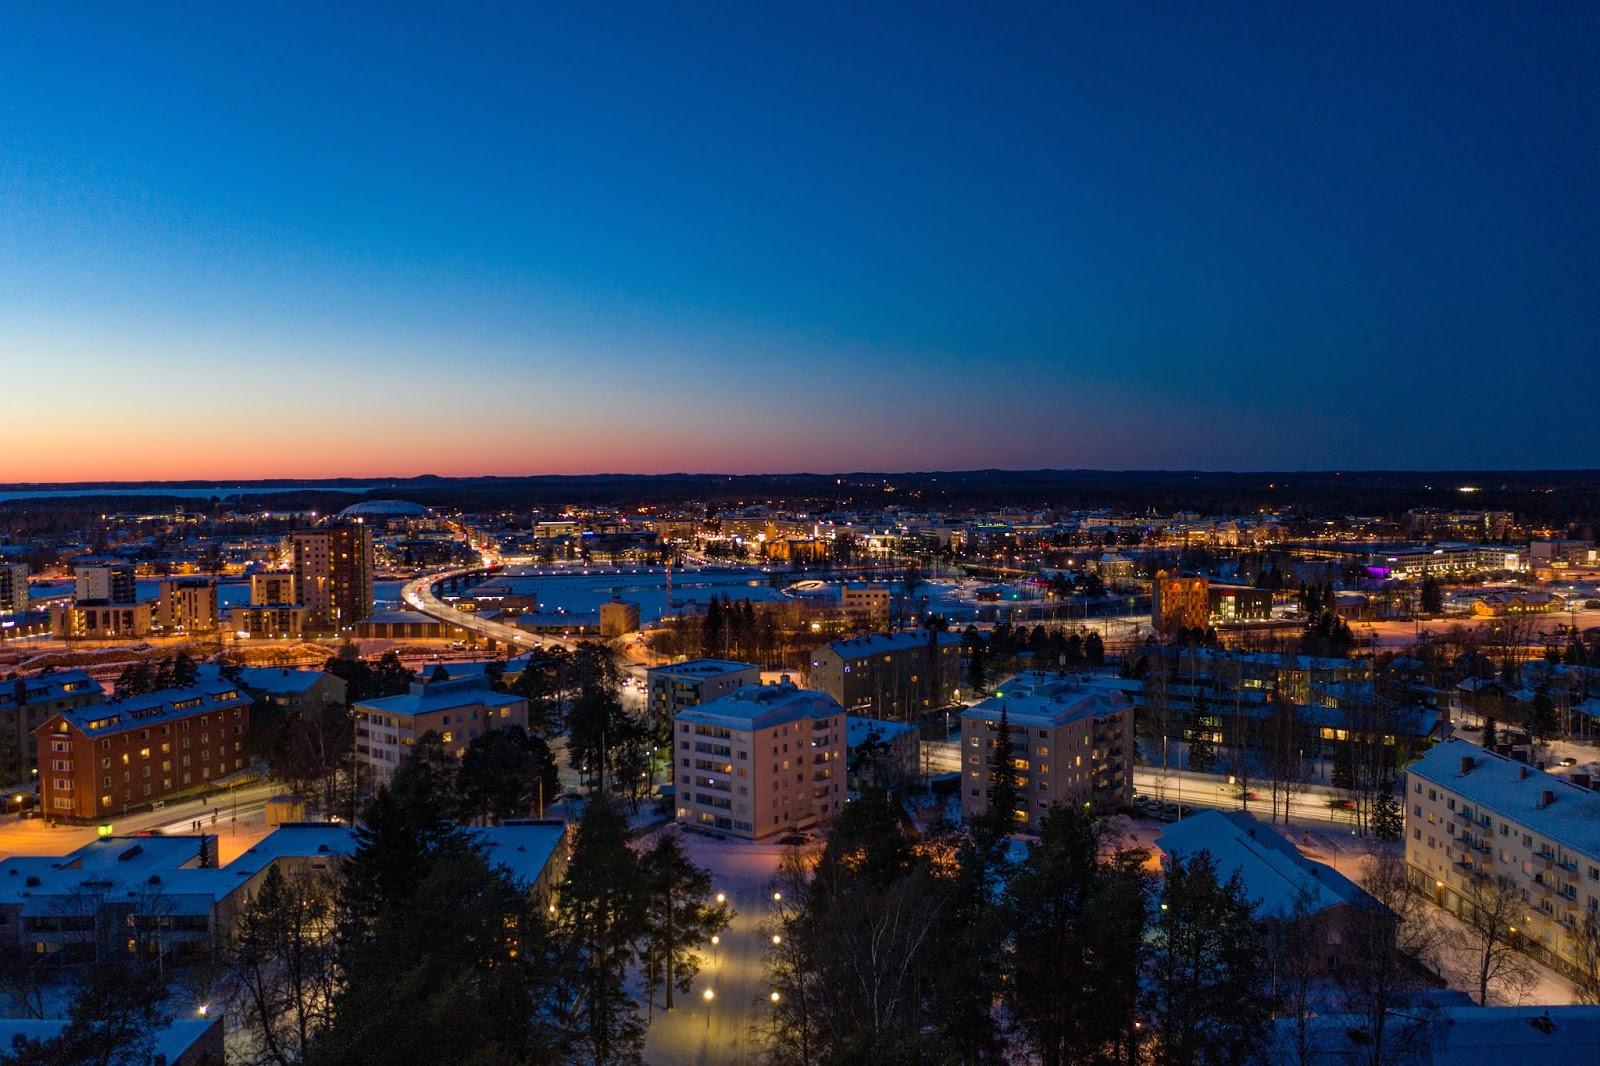 Lidl Rantakylä